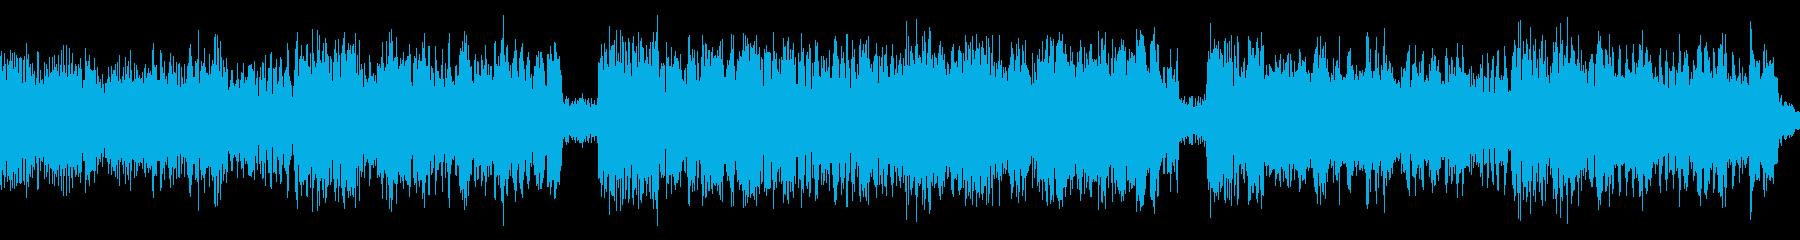 アラート音 警告 危険 注意 警報の再生済みの波形